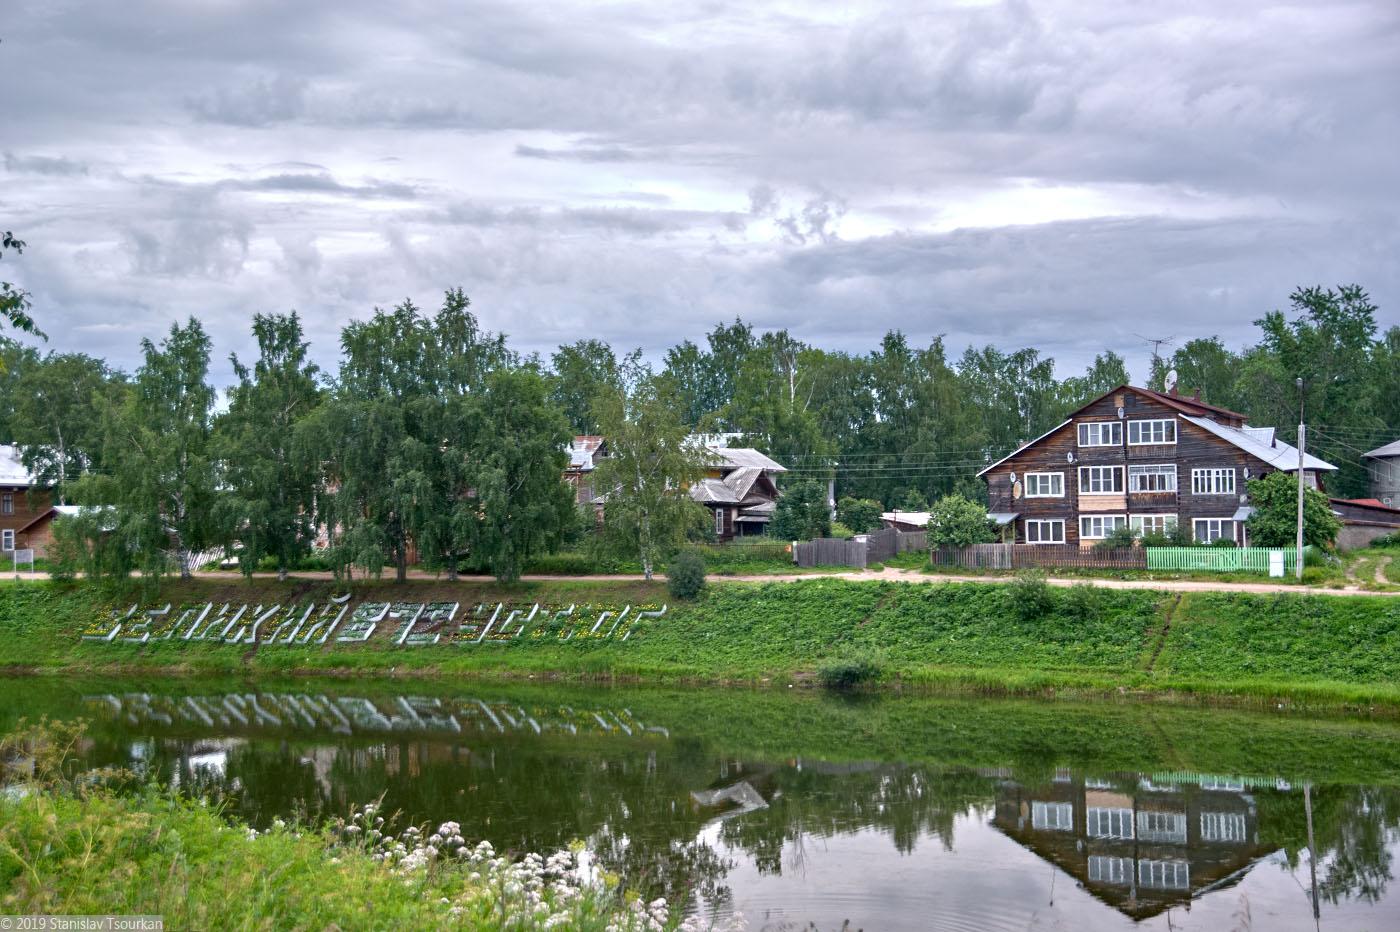 Вологодская область, Вологодчина, Великий устюг, Русский север, Смольниковское озеро